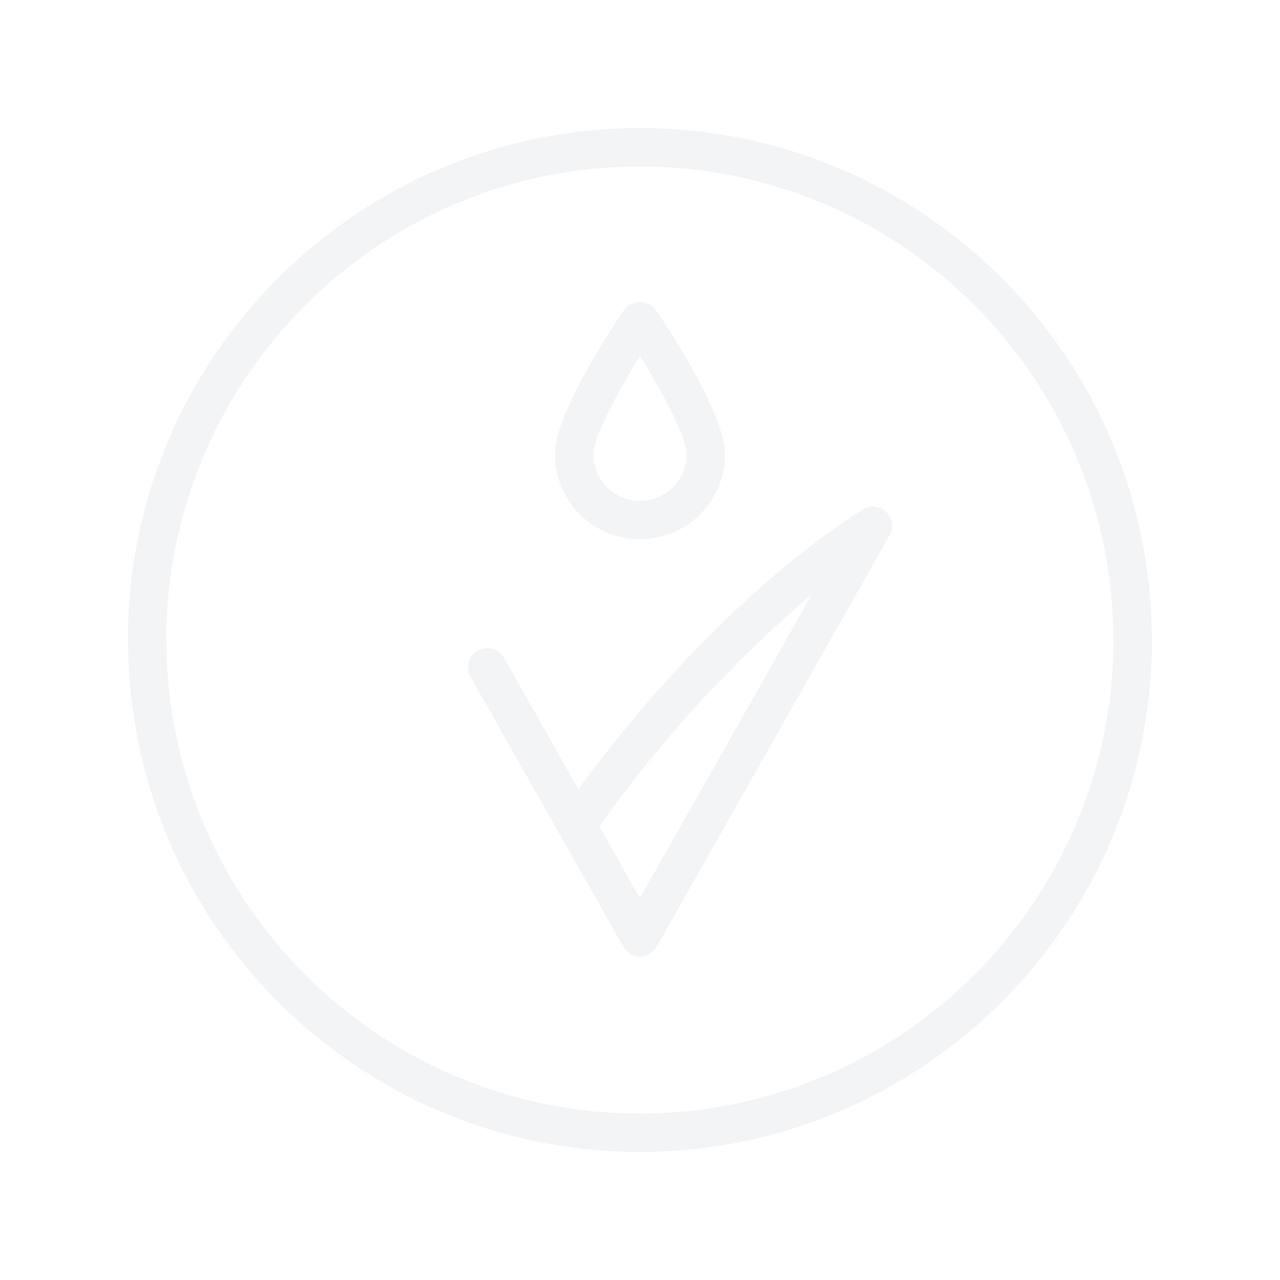 Gatineau Peeling Expert Microdermabrasion Exfoliating Cream 75ml